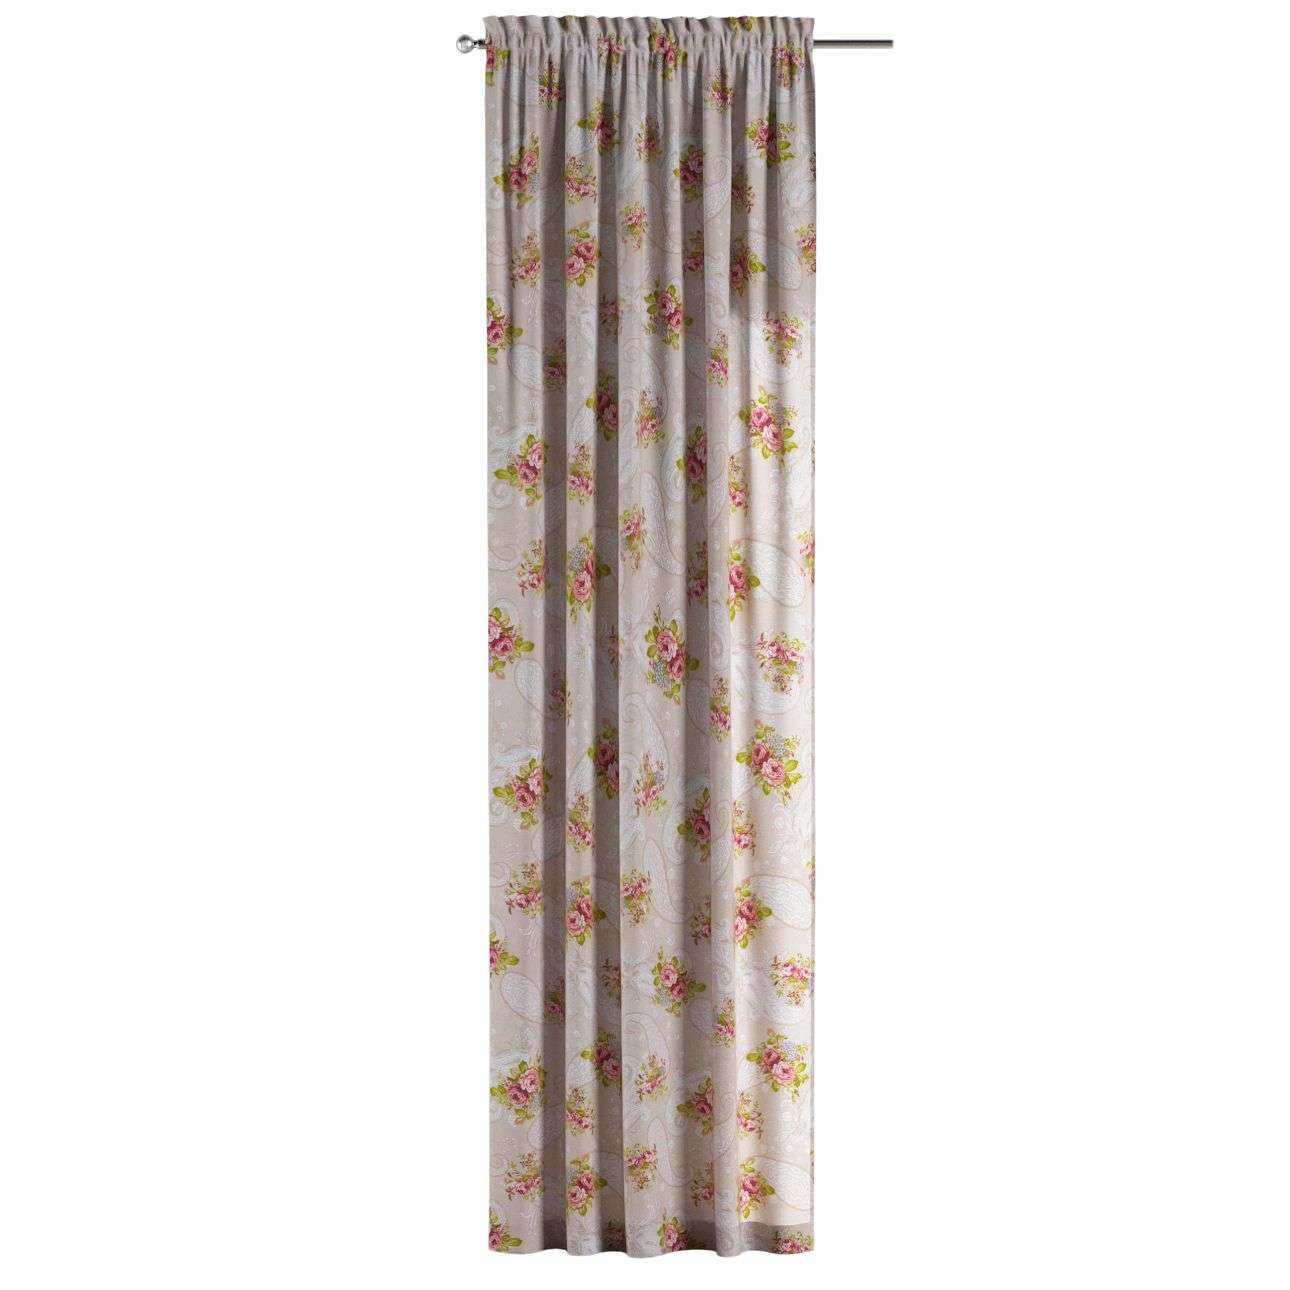 Gardin med kanal - Multiband 1 längd i kollektionen Flowers, Tyg: 311-15